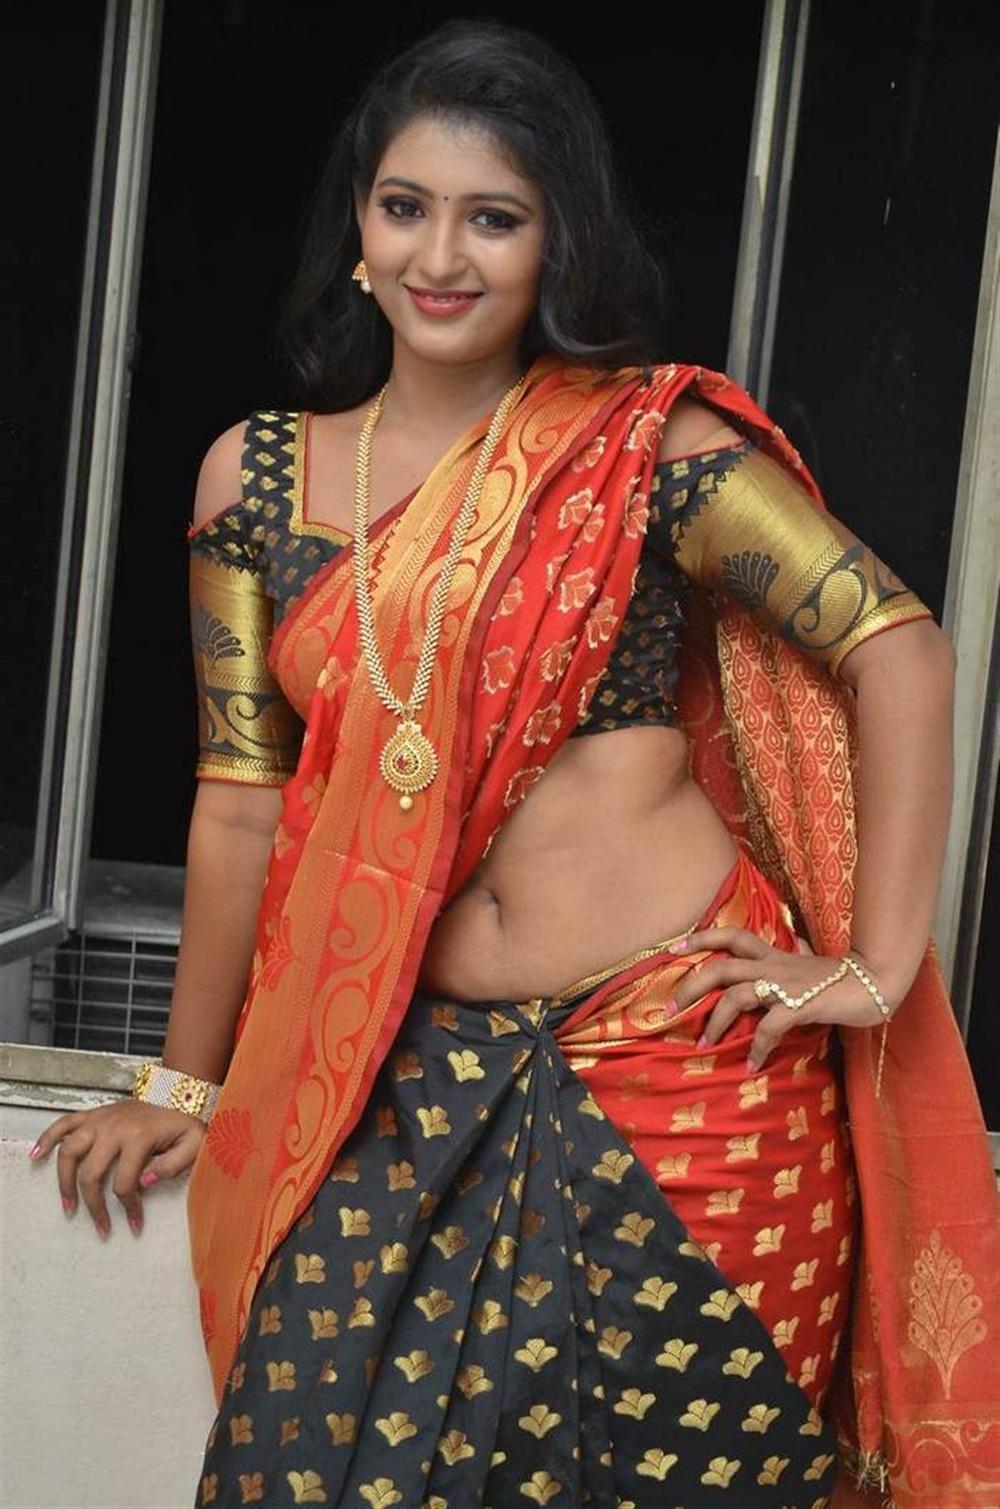 Actress Tanushka Hot in Red Saree Photos